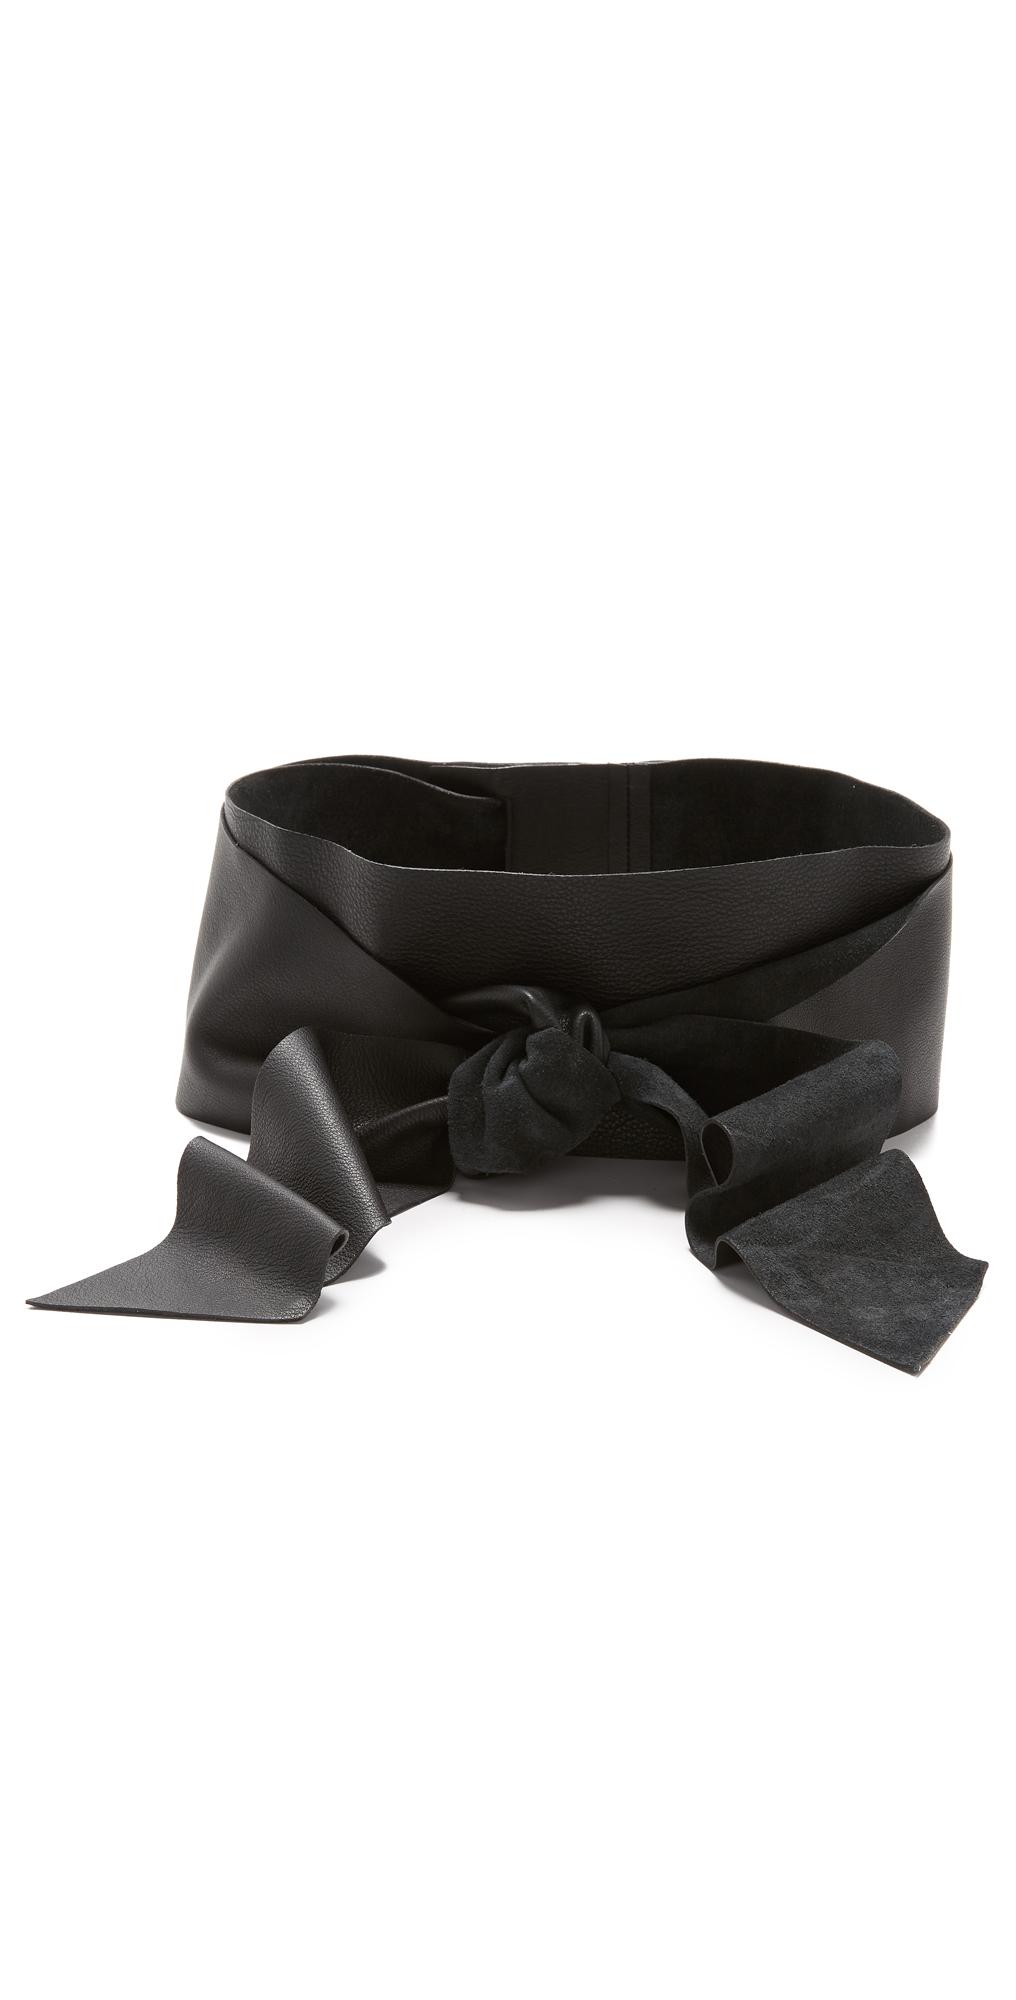 Demi Wrap Wide Belt B-Low The Belt